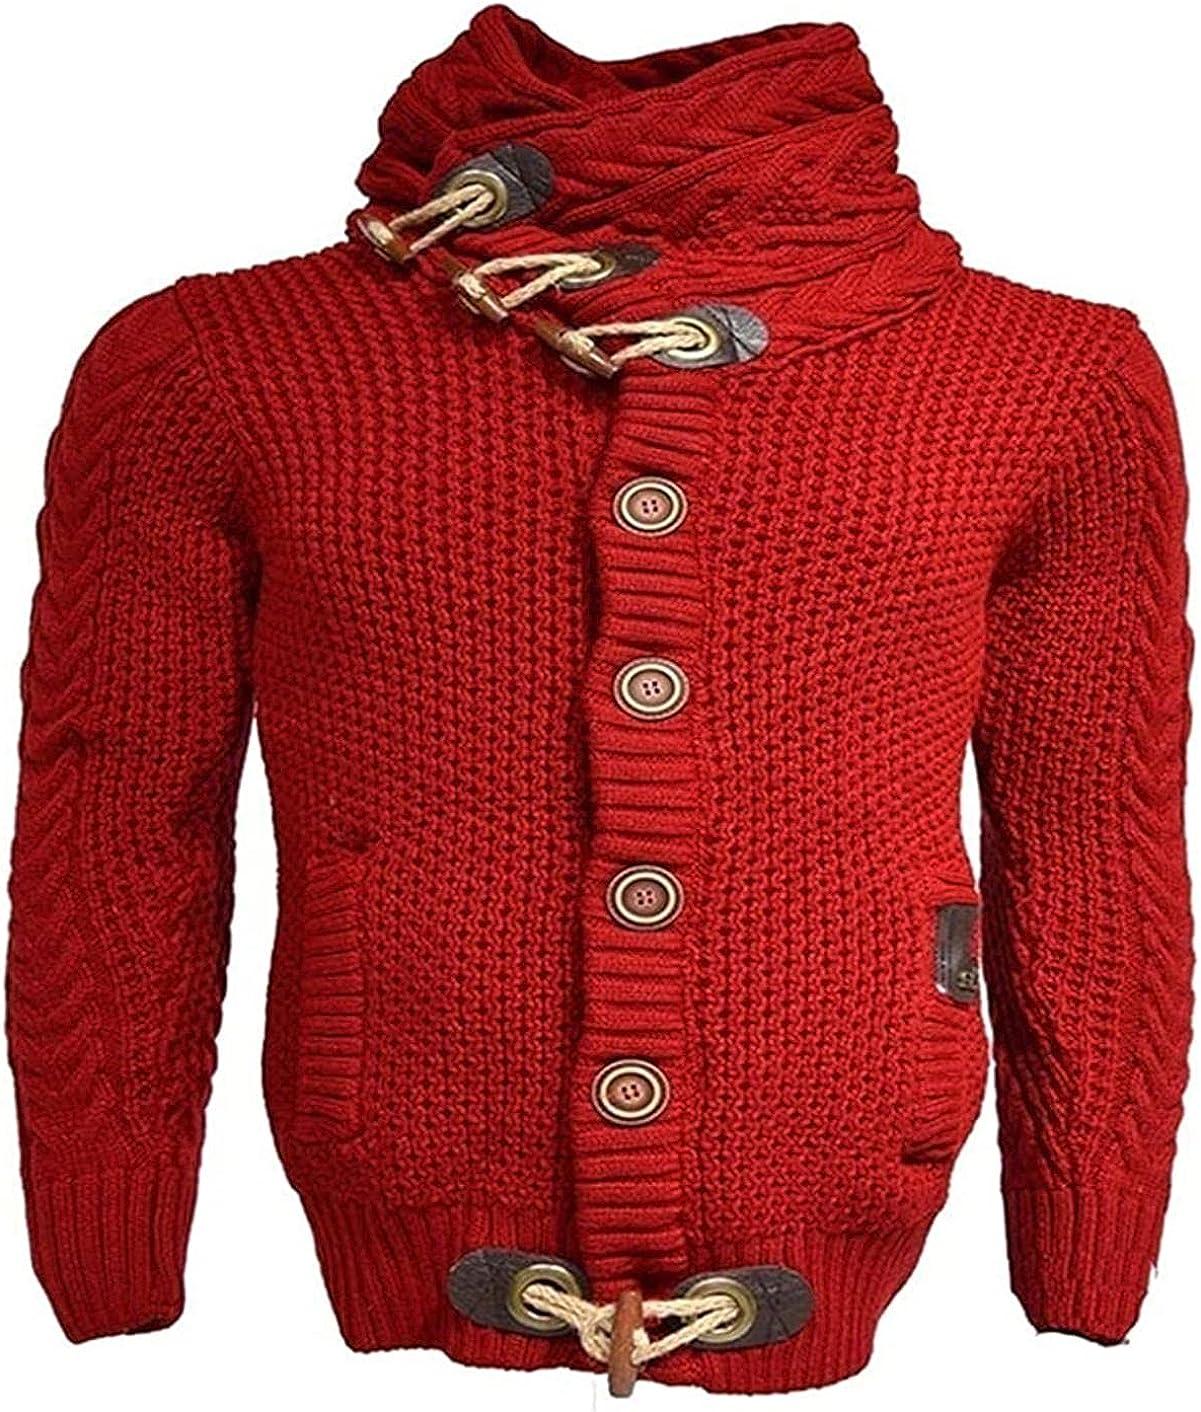 Man Autumn Winter Sweaters Streetwear Turtleneck Sweater Men Knitted Pullovers